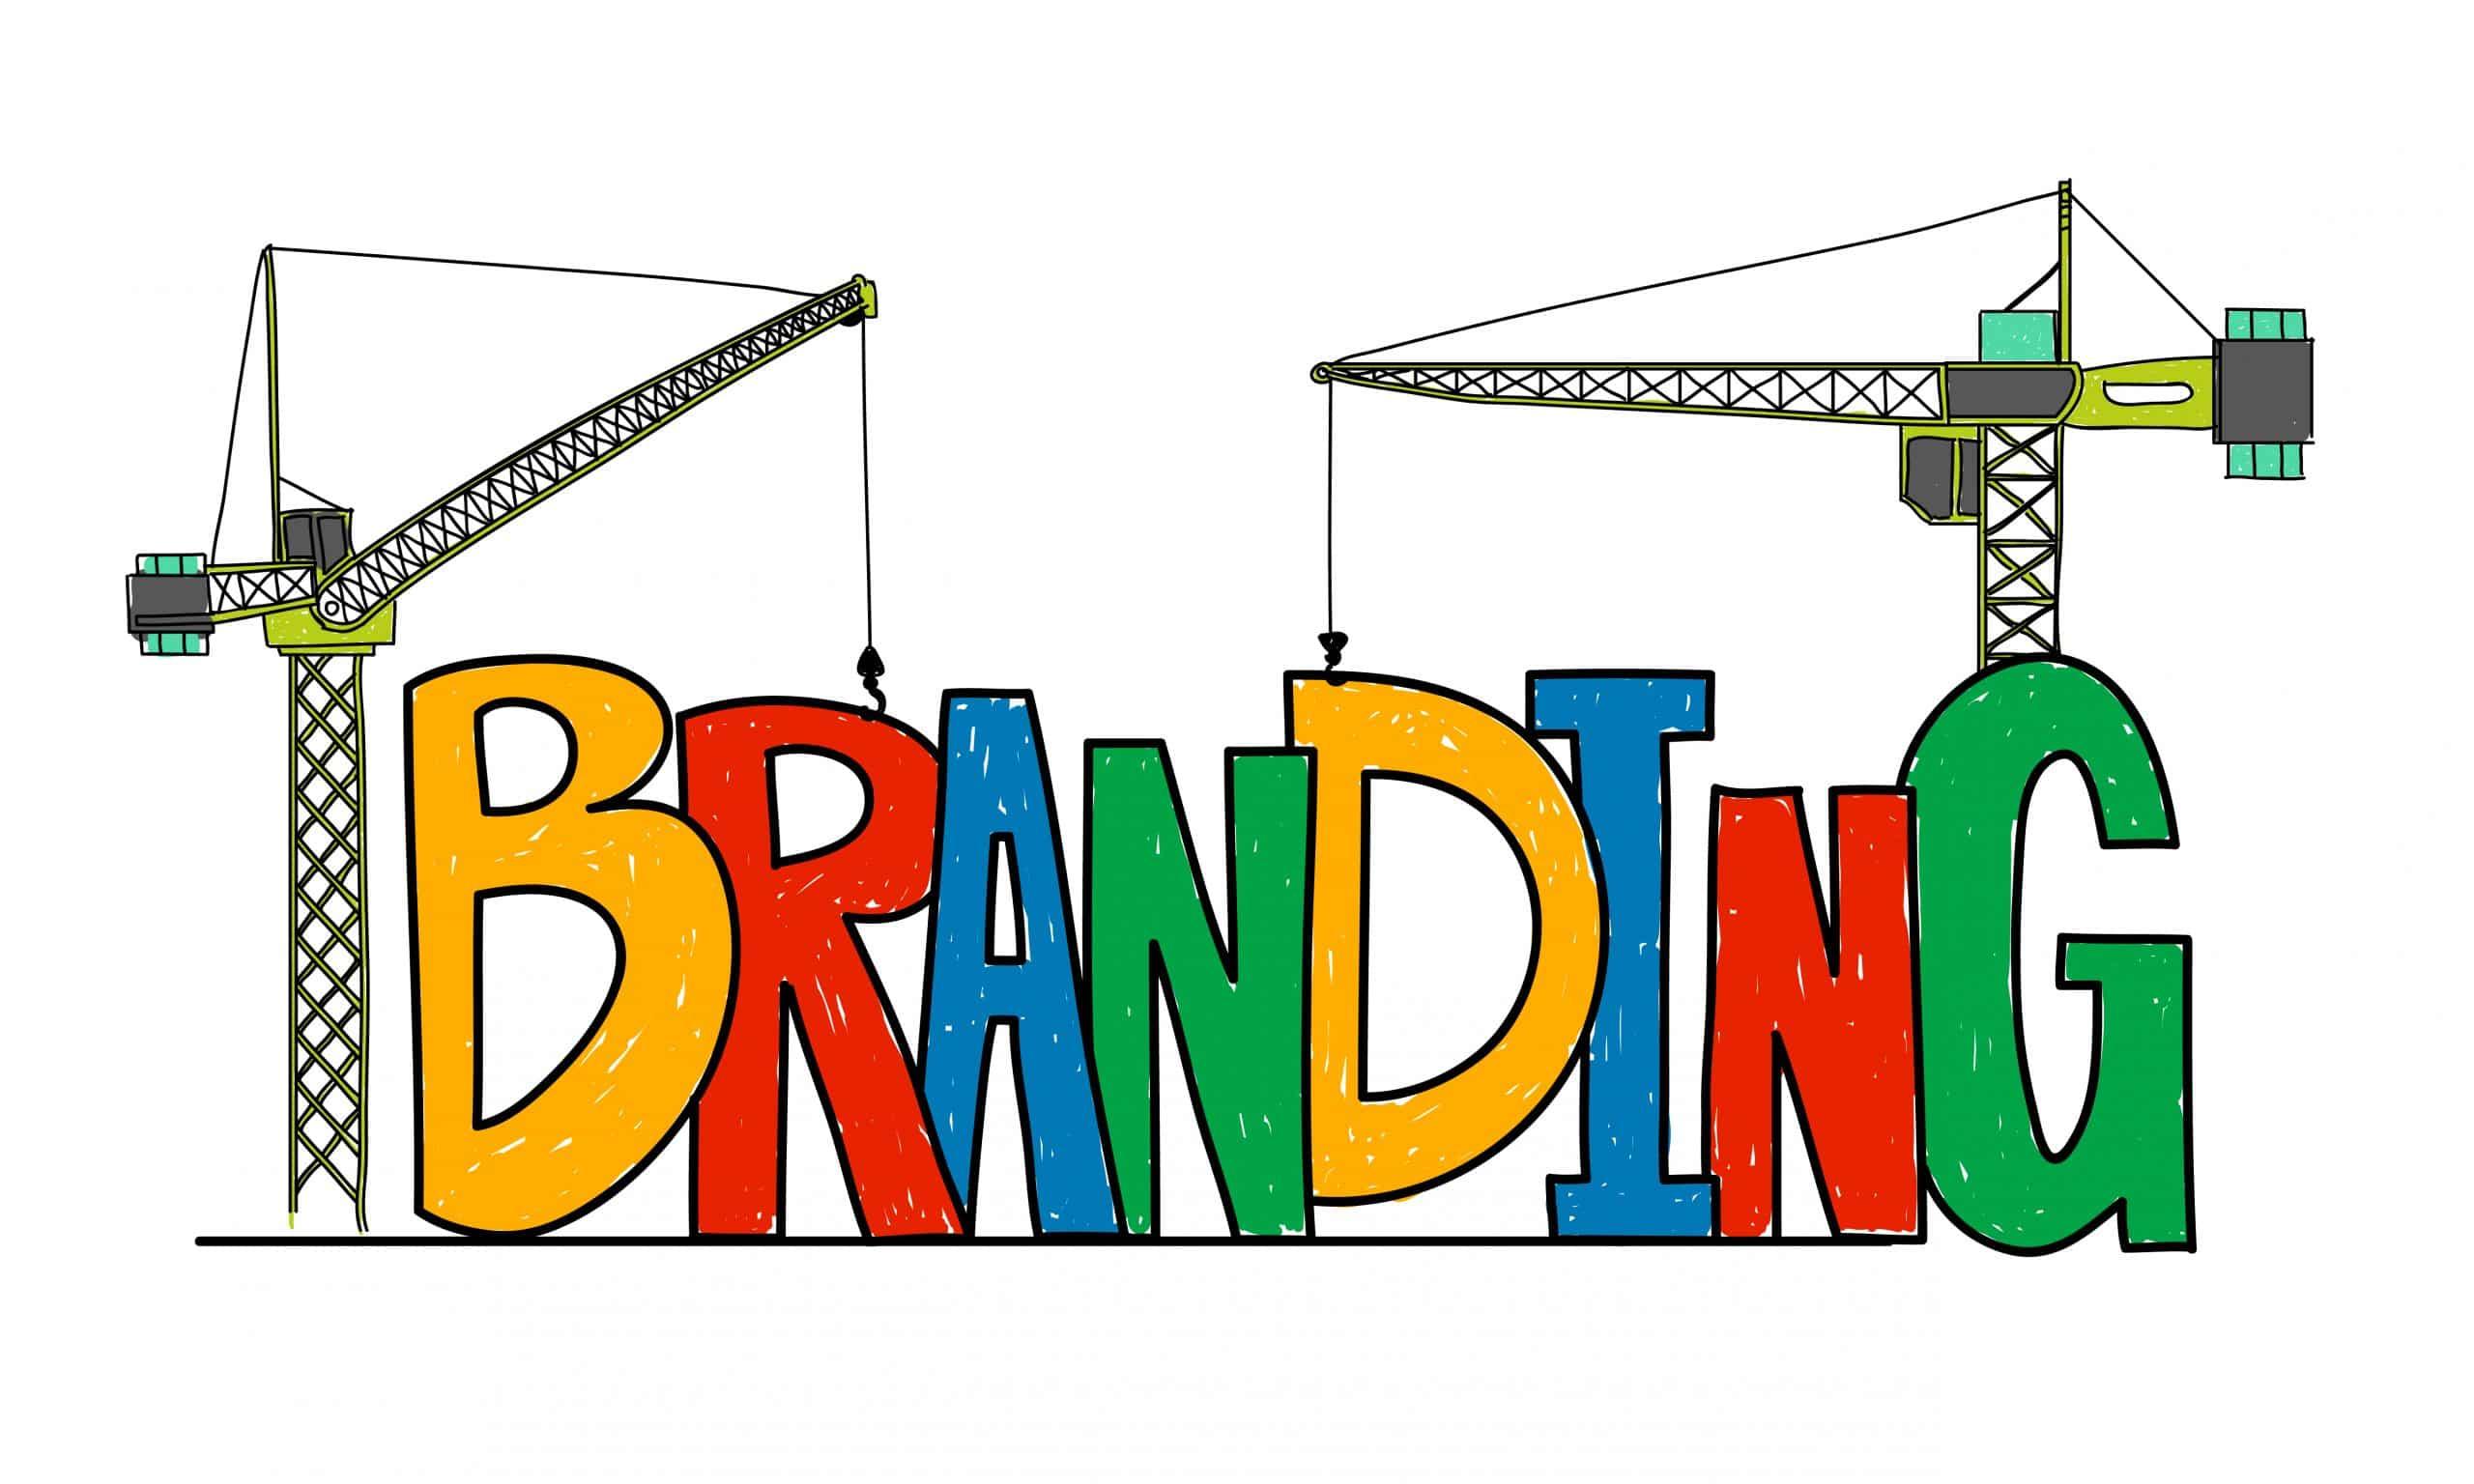 6 Good Logo Design Factors for Branding